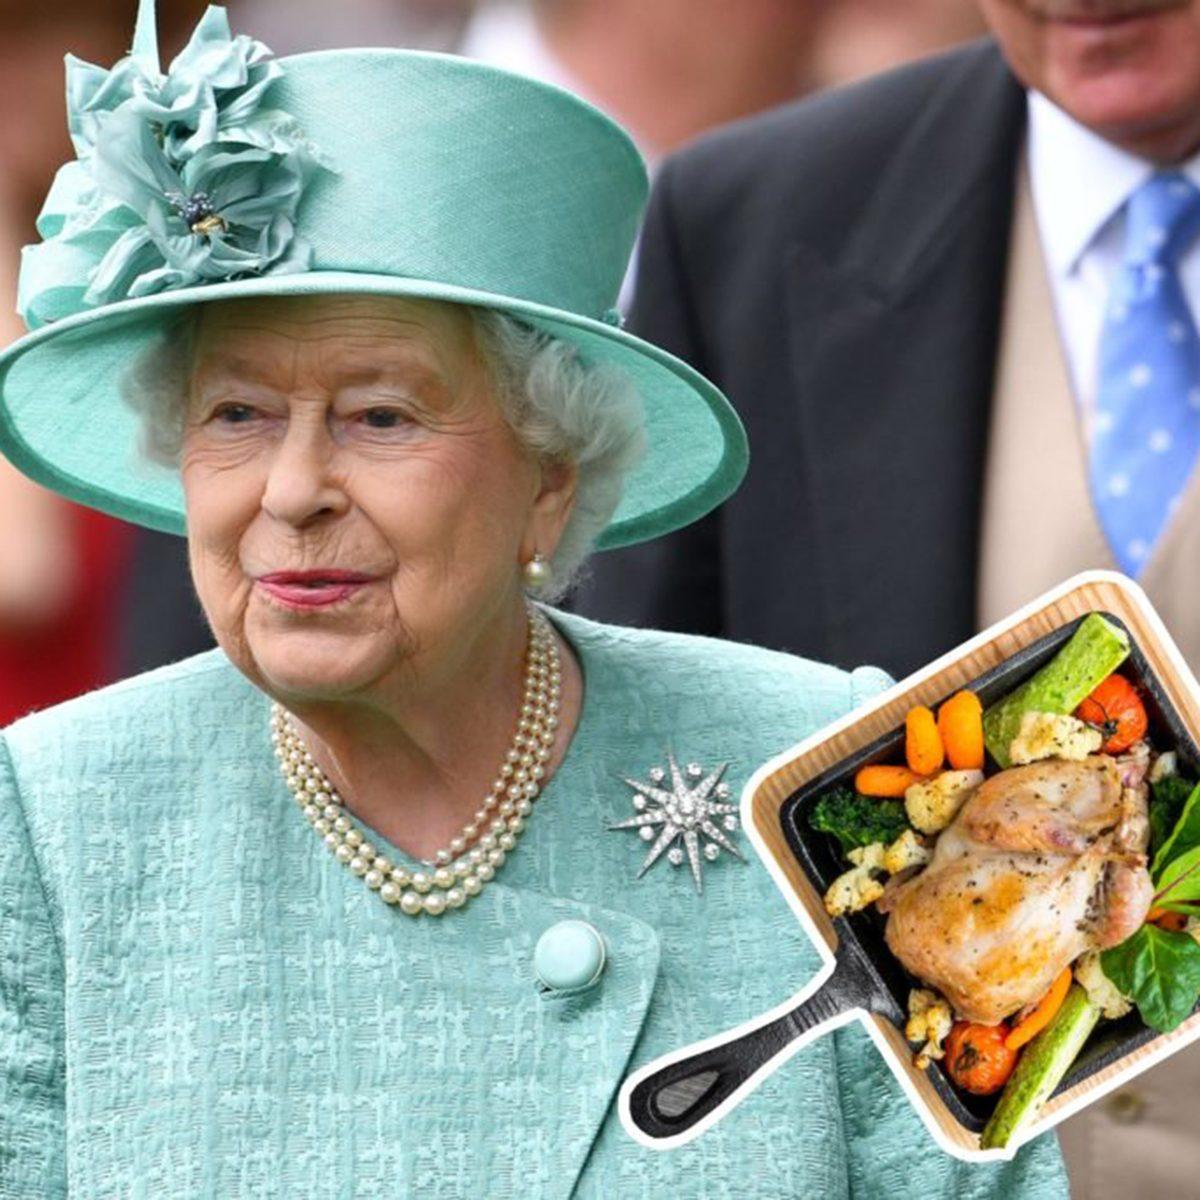 Queen Elizabeth II pheasant